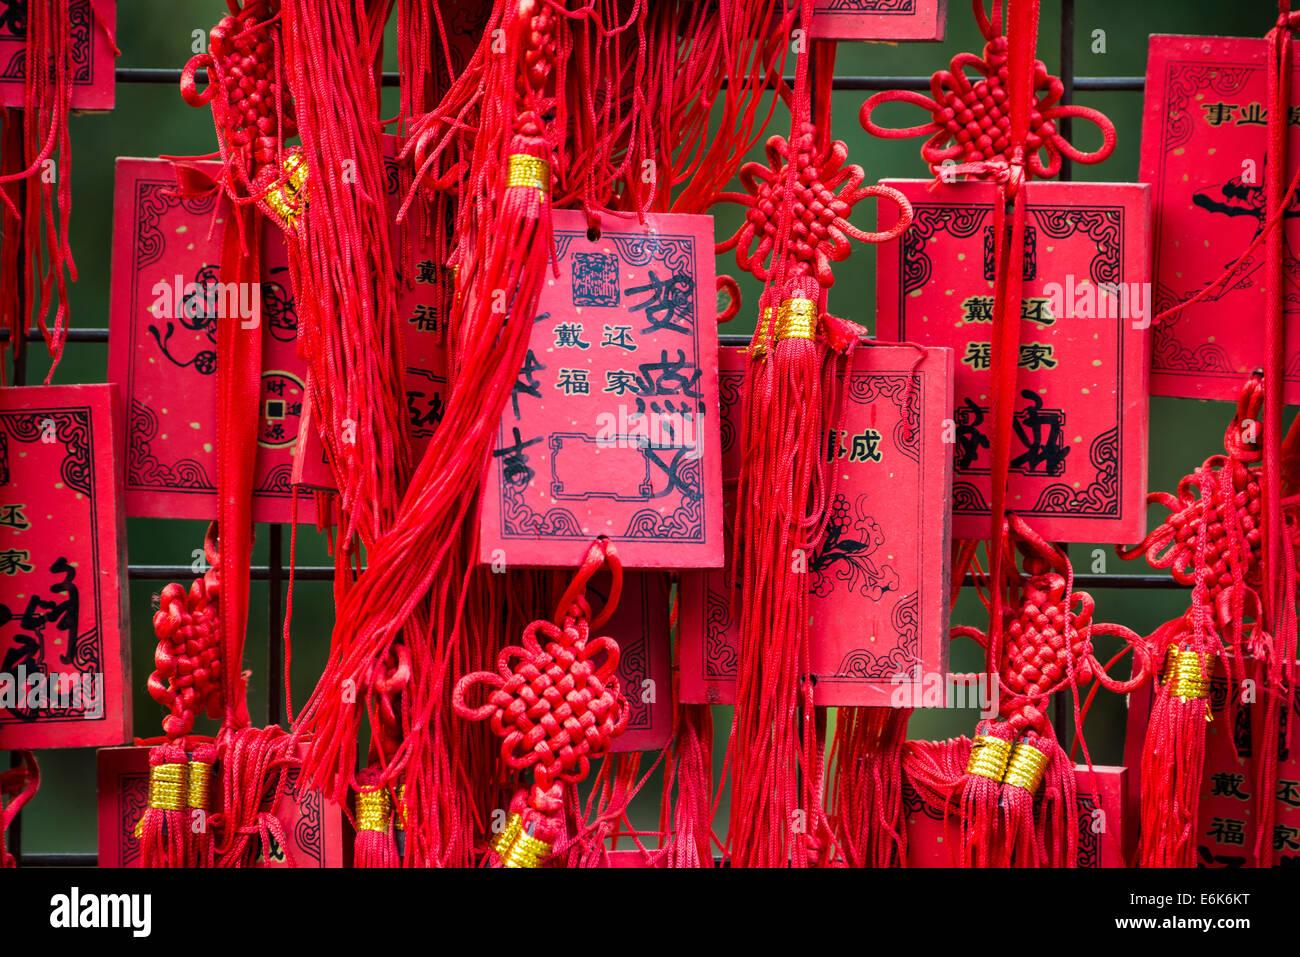 Chinesische rote wollen Karten, Peking, China Stockbild